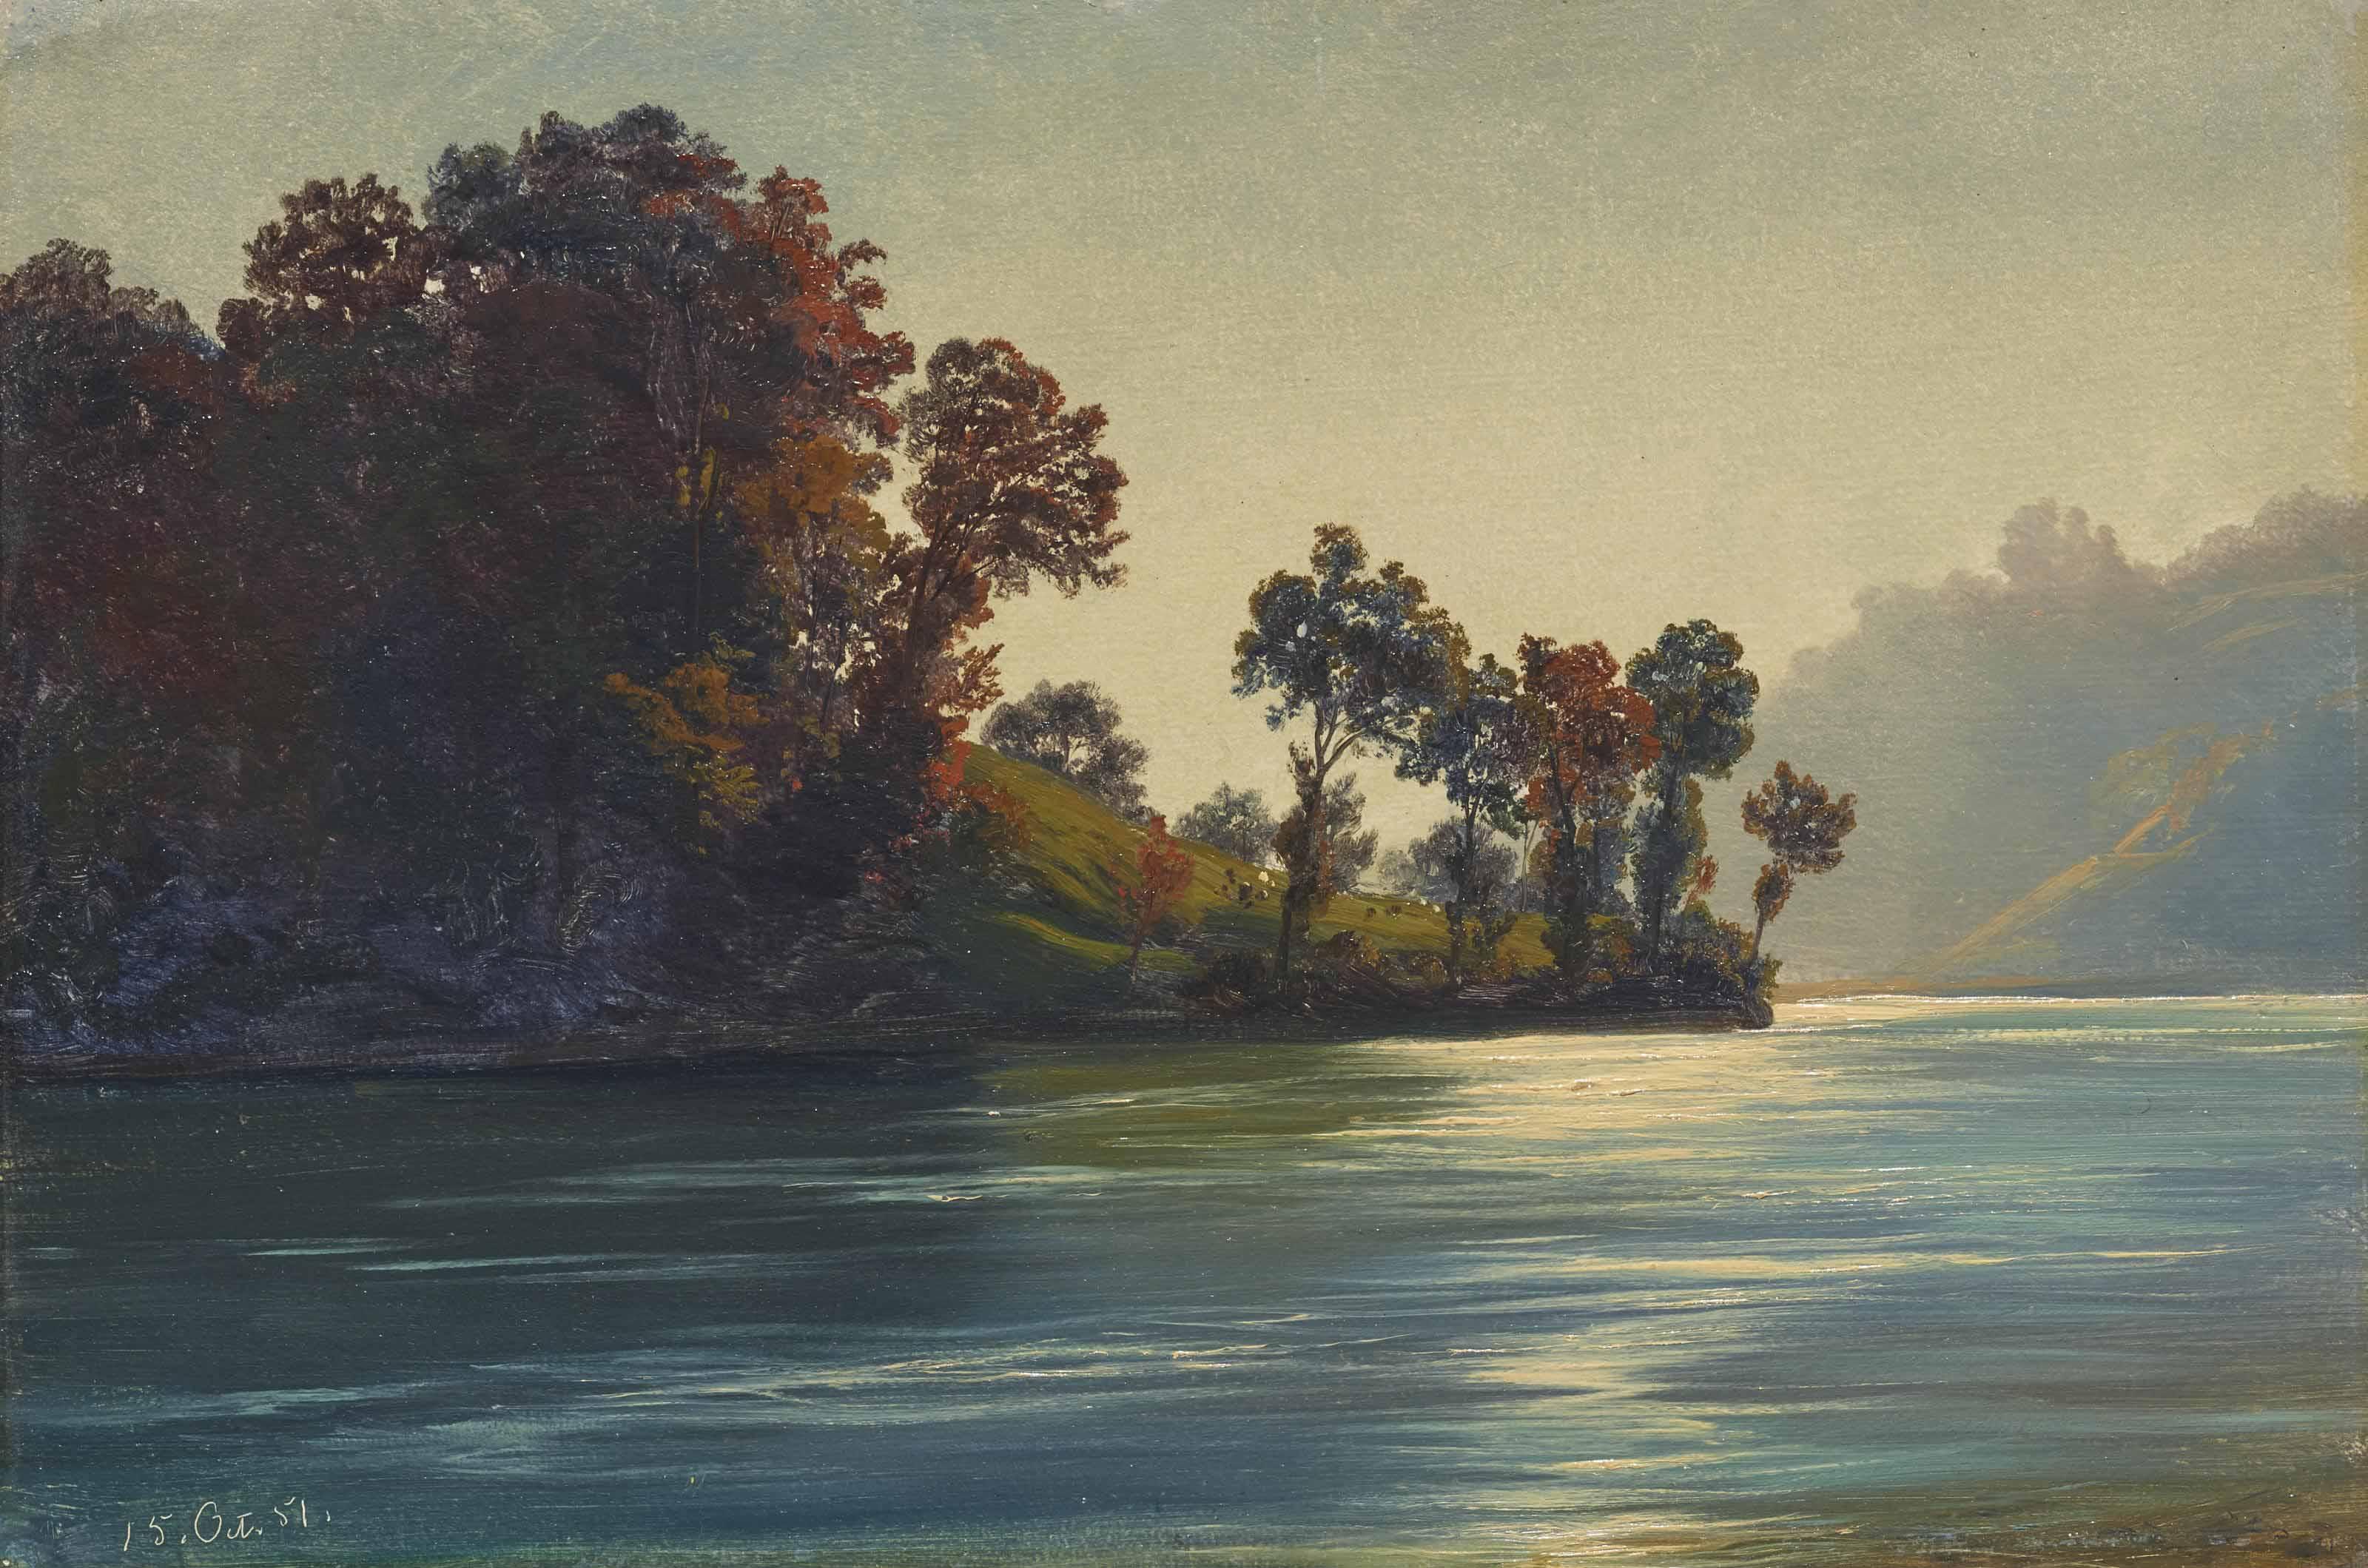 Seelandschaft, 1851